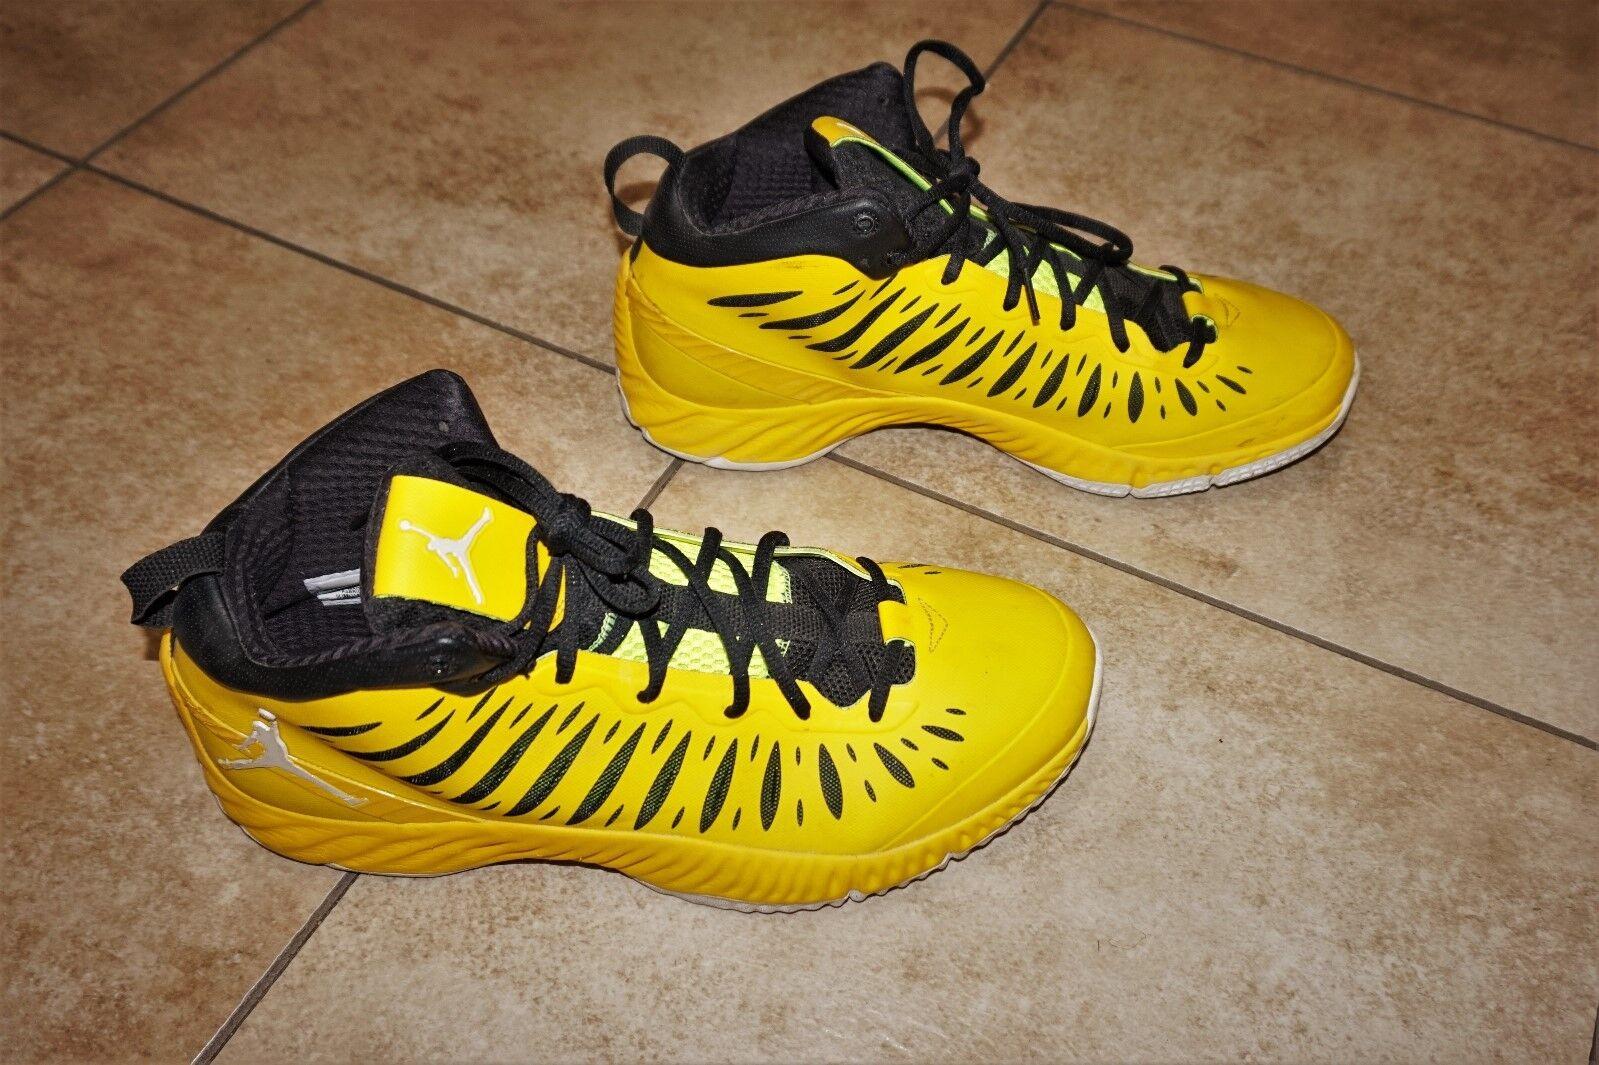 Gli uomini sono scarpe nike jordan super. volare scarpe sono da ginnastica alte scarpe da basket serie 528650-701 c4d38c